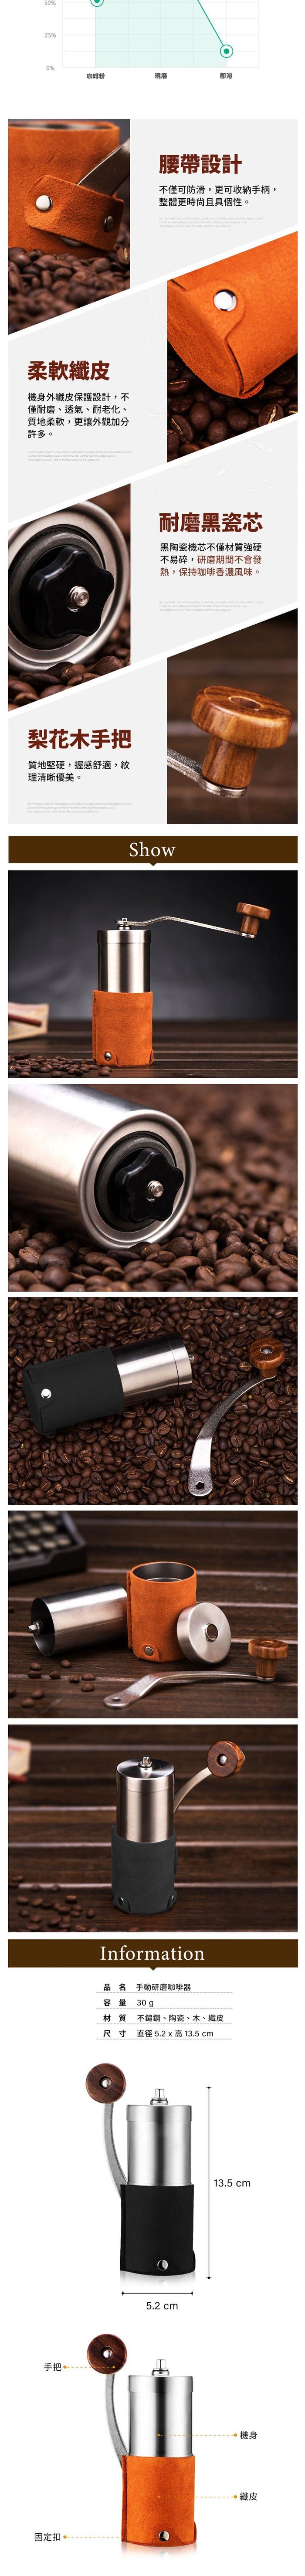 (複製)PO:Selected|丹麥手沖咖啡禮盒組(手沖咖啡壺-黑/咖啡玻璃杯350ml-黑灰)